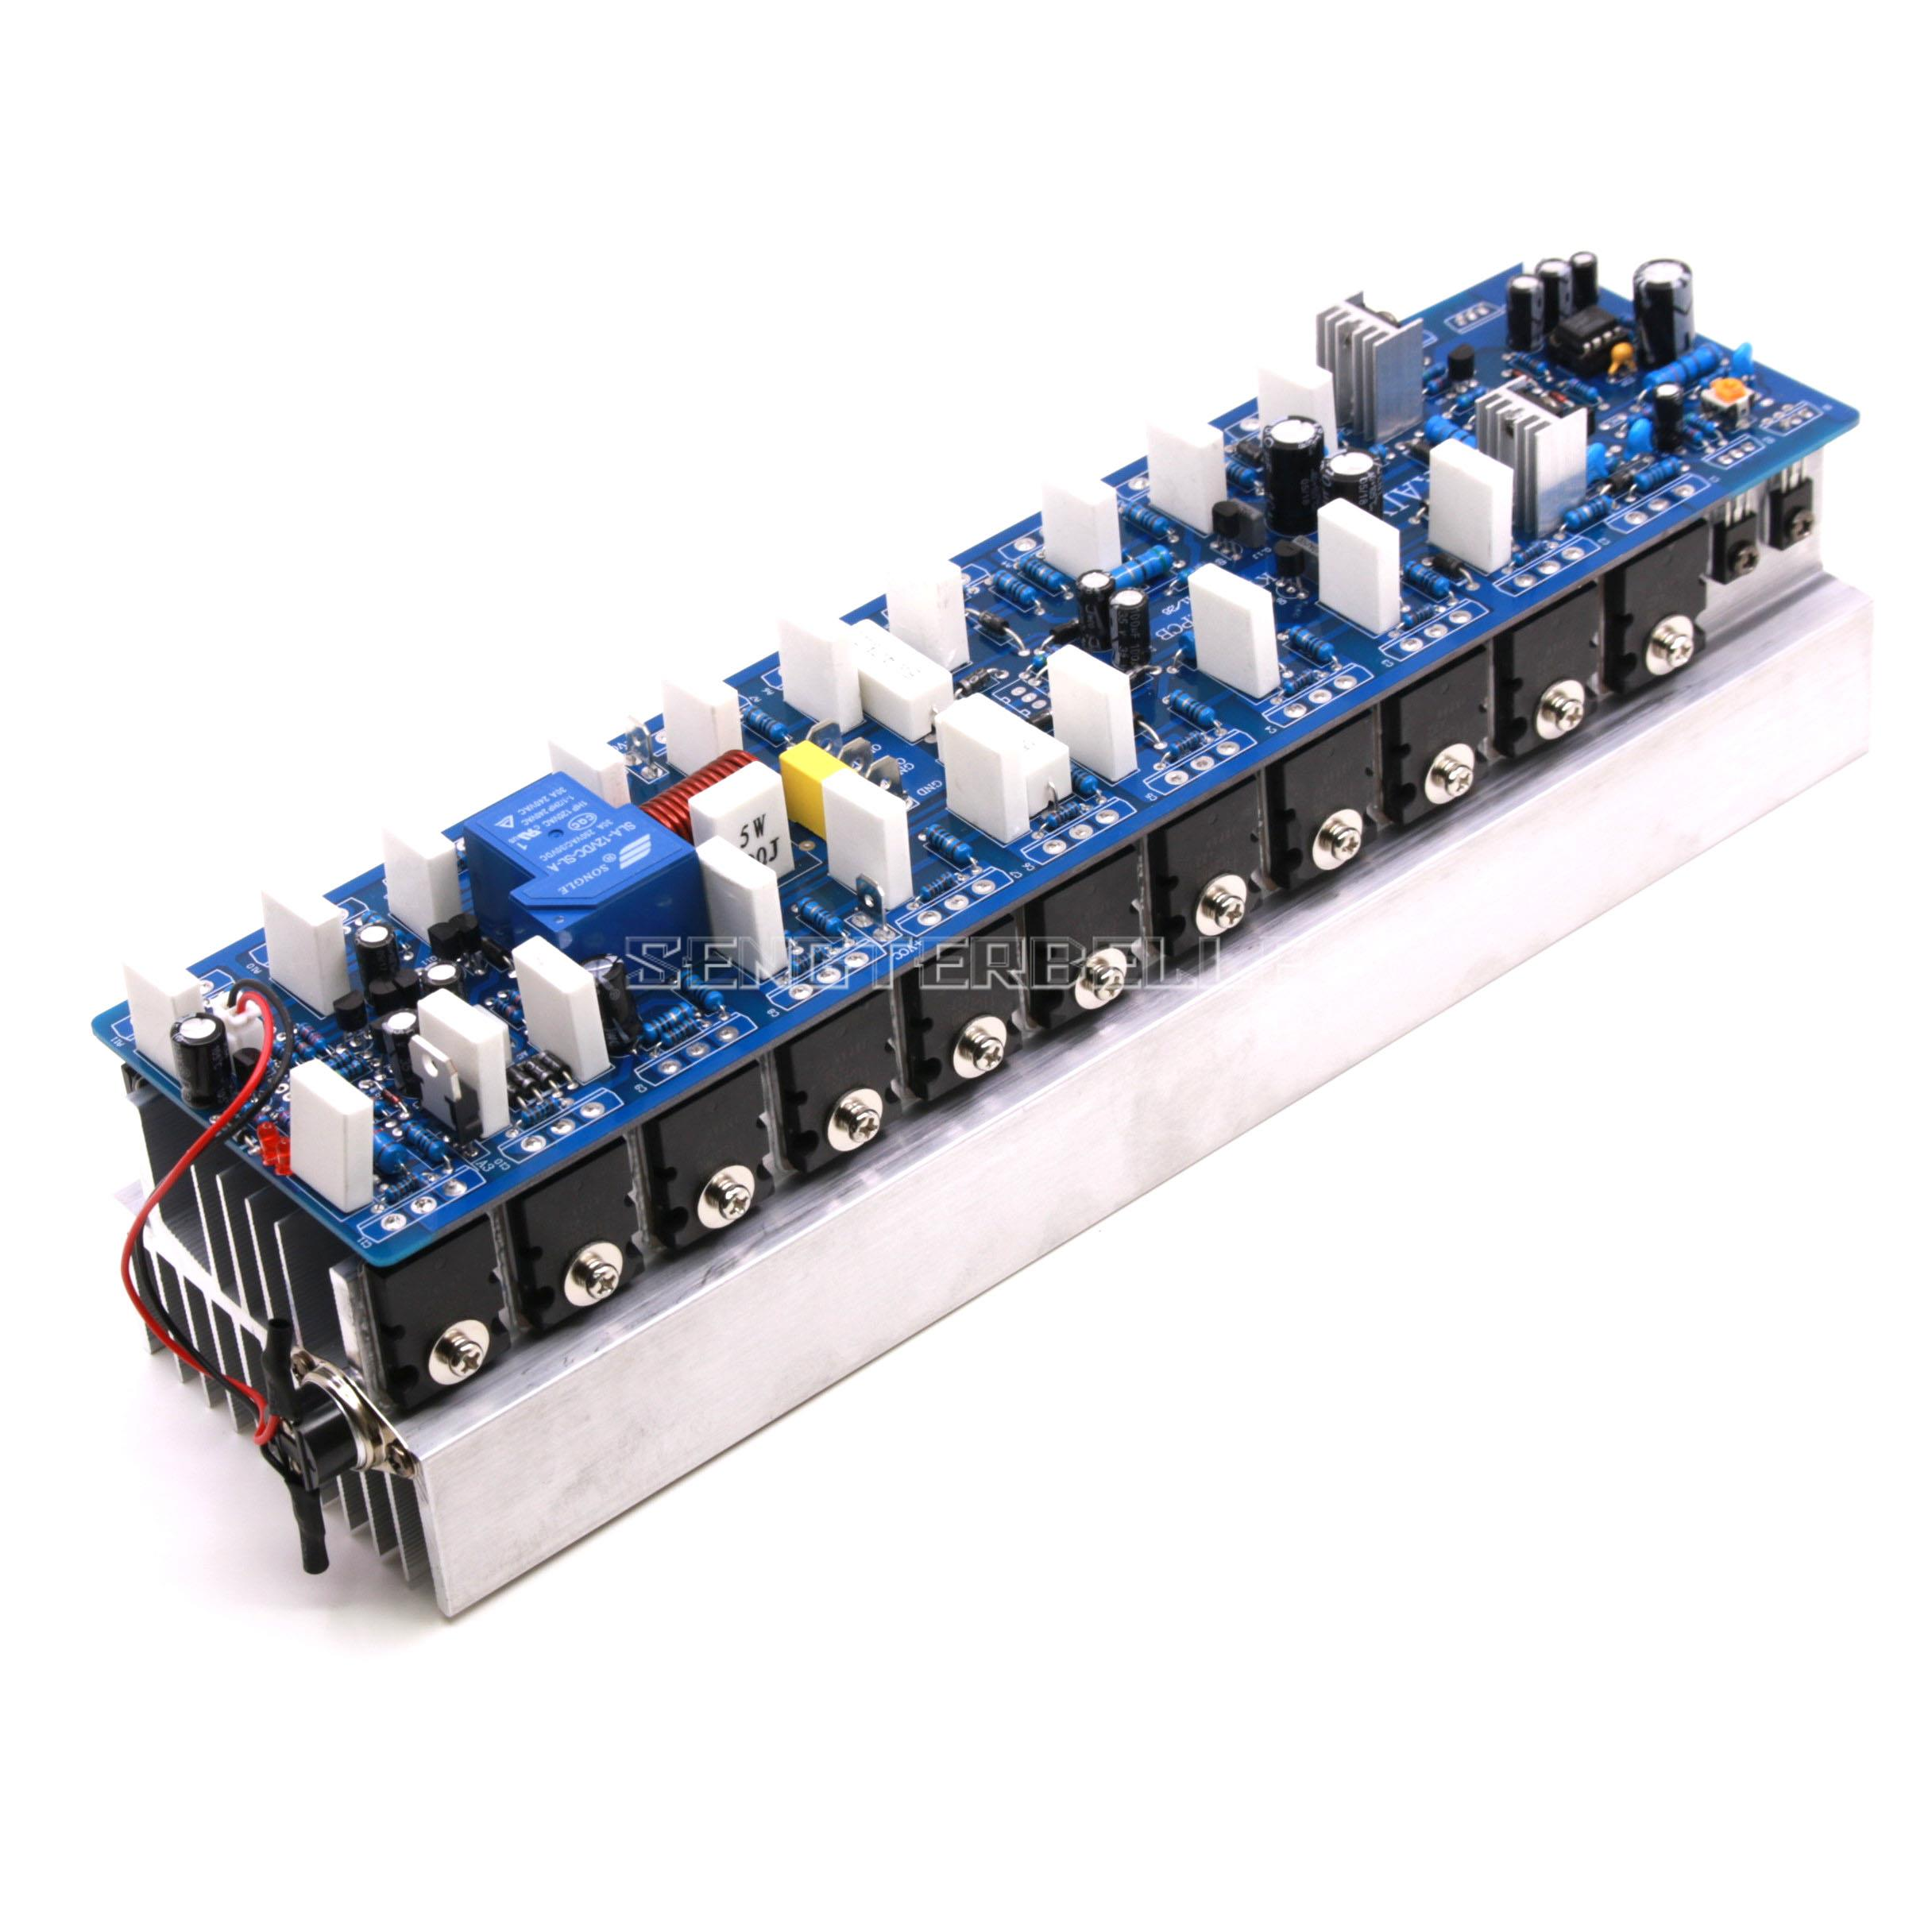 Assembled 1200W Powerful Amplifier Board Mono HiFi Audio Amp Board With HeatsinkAssembled 1200W Powerful Amplifier Board Mono HiFi Audio Amp Board With Heatsink